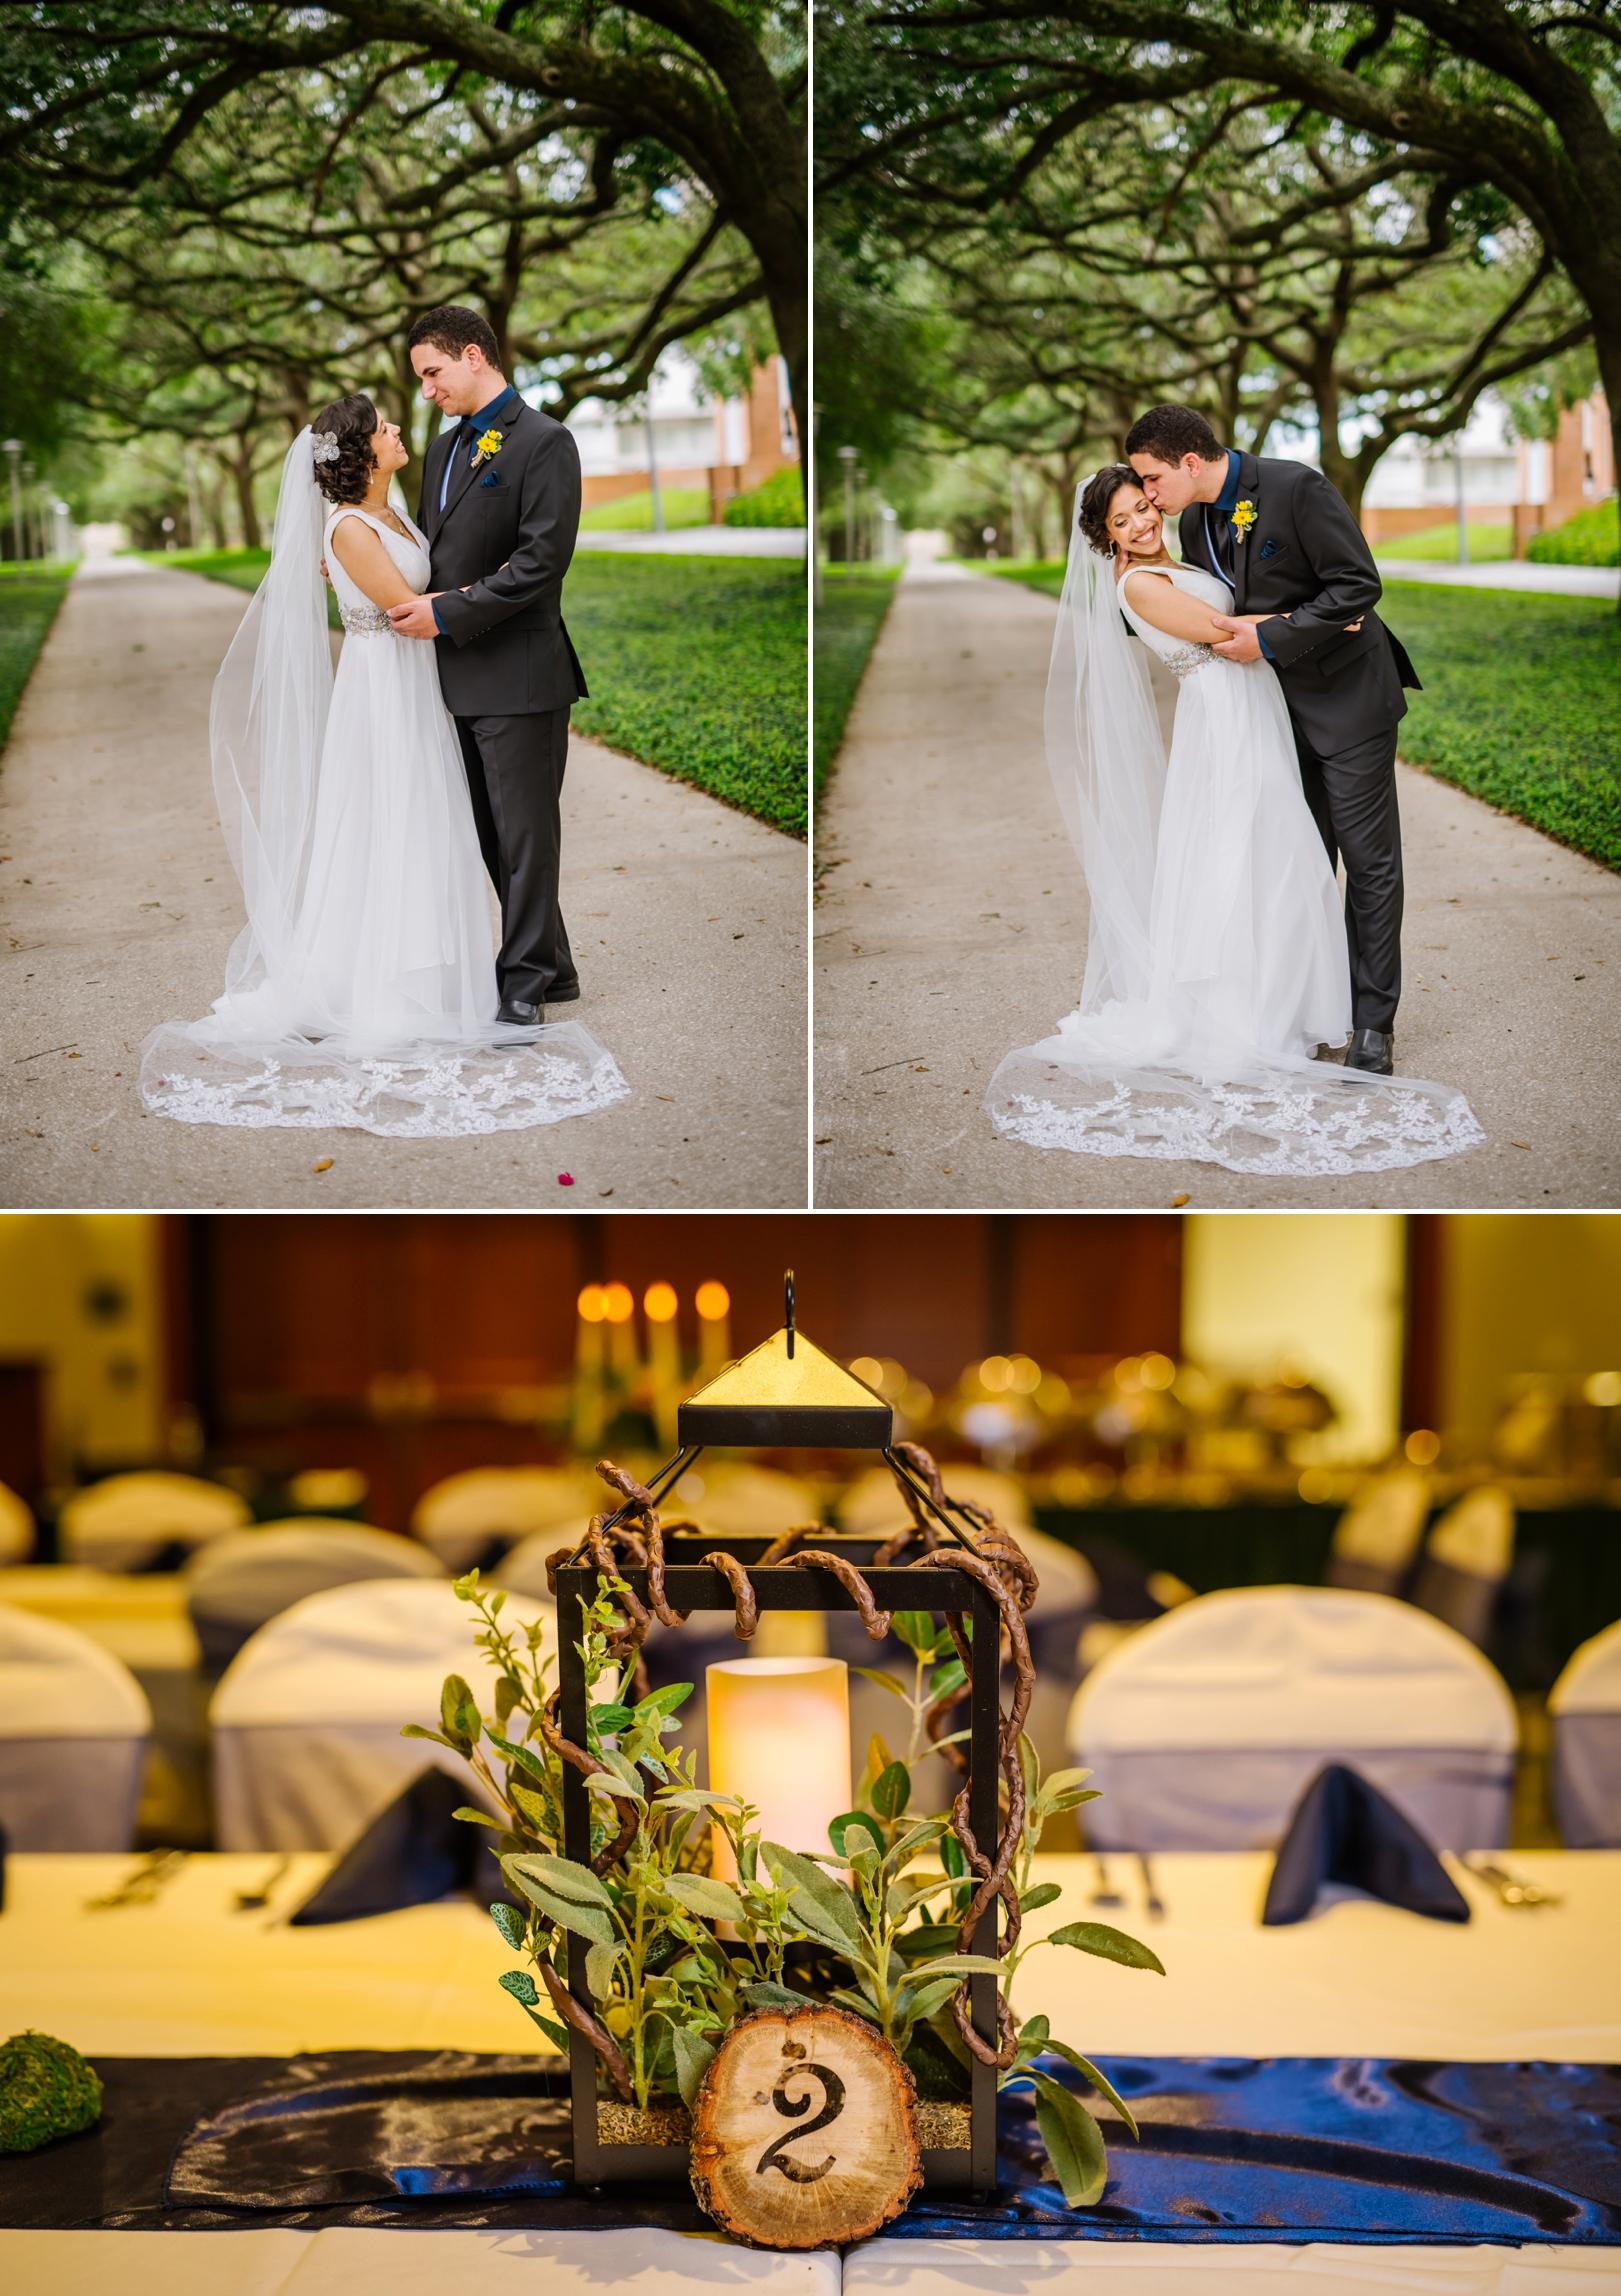 tampa-wedding-photographer-ashlee-hamon-usf_0012.jpg